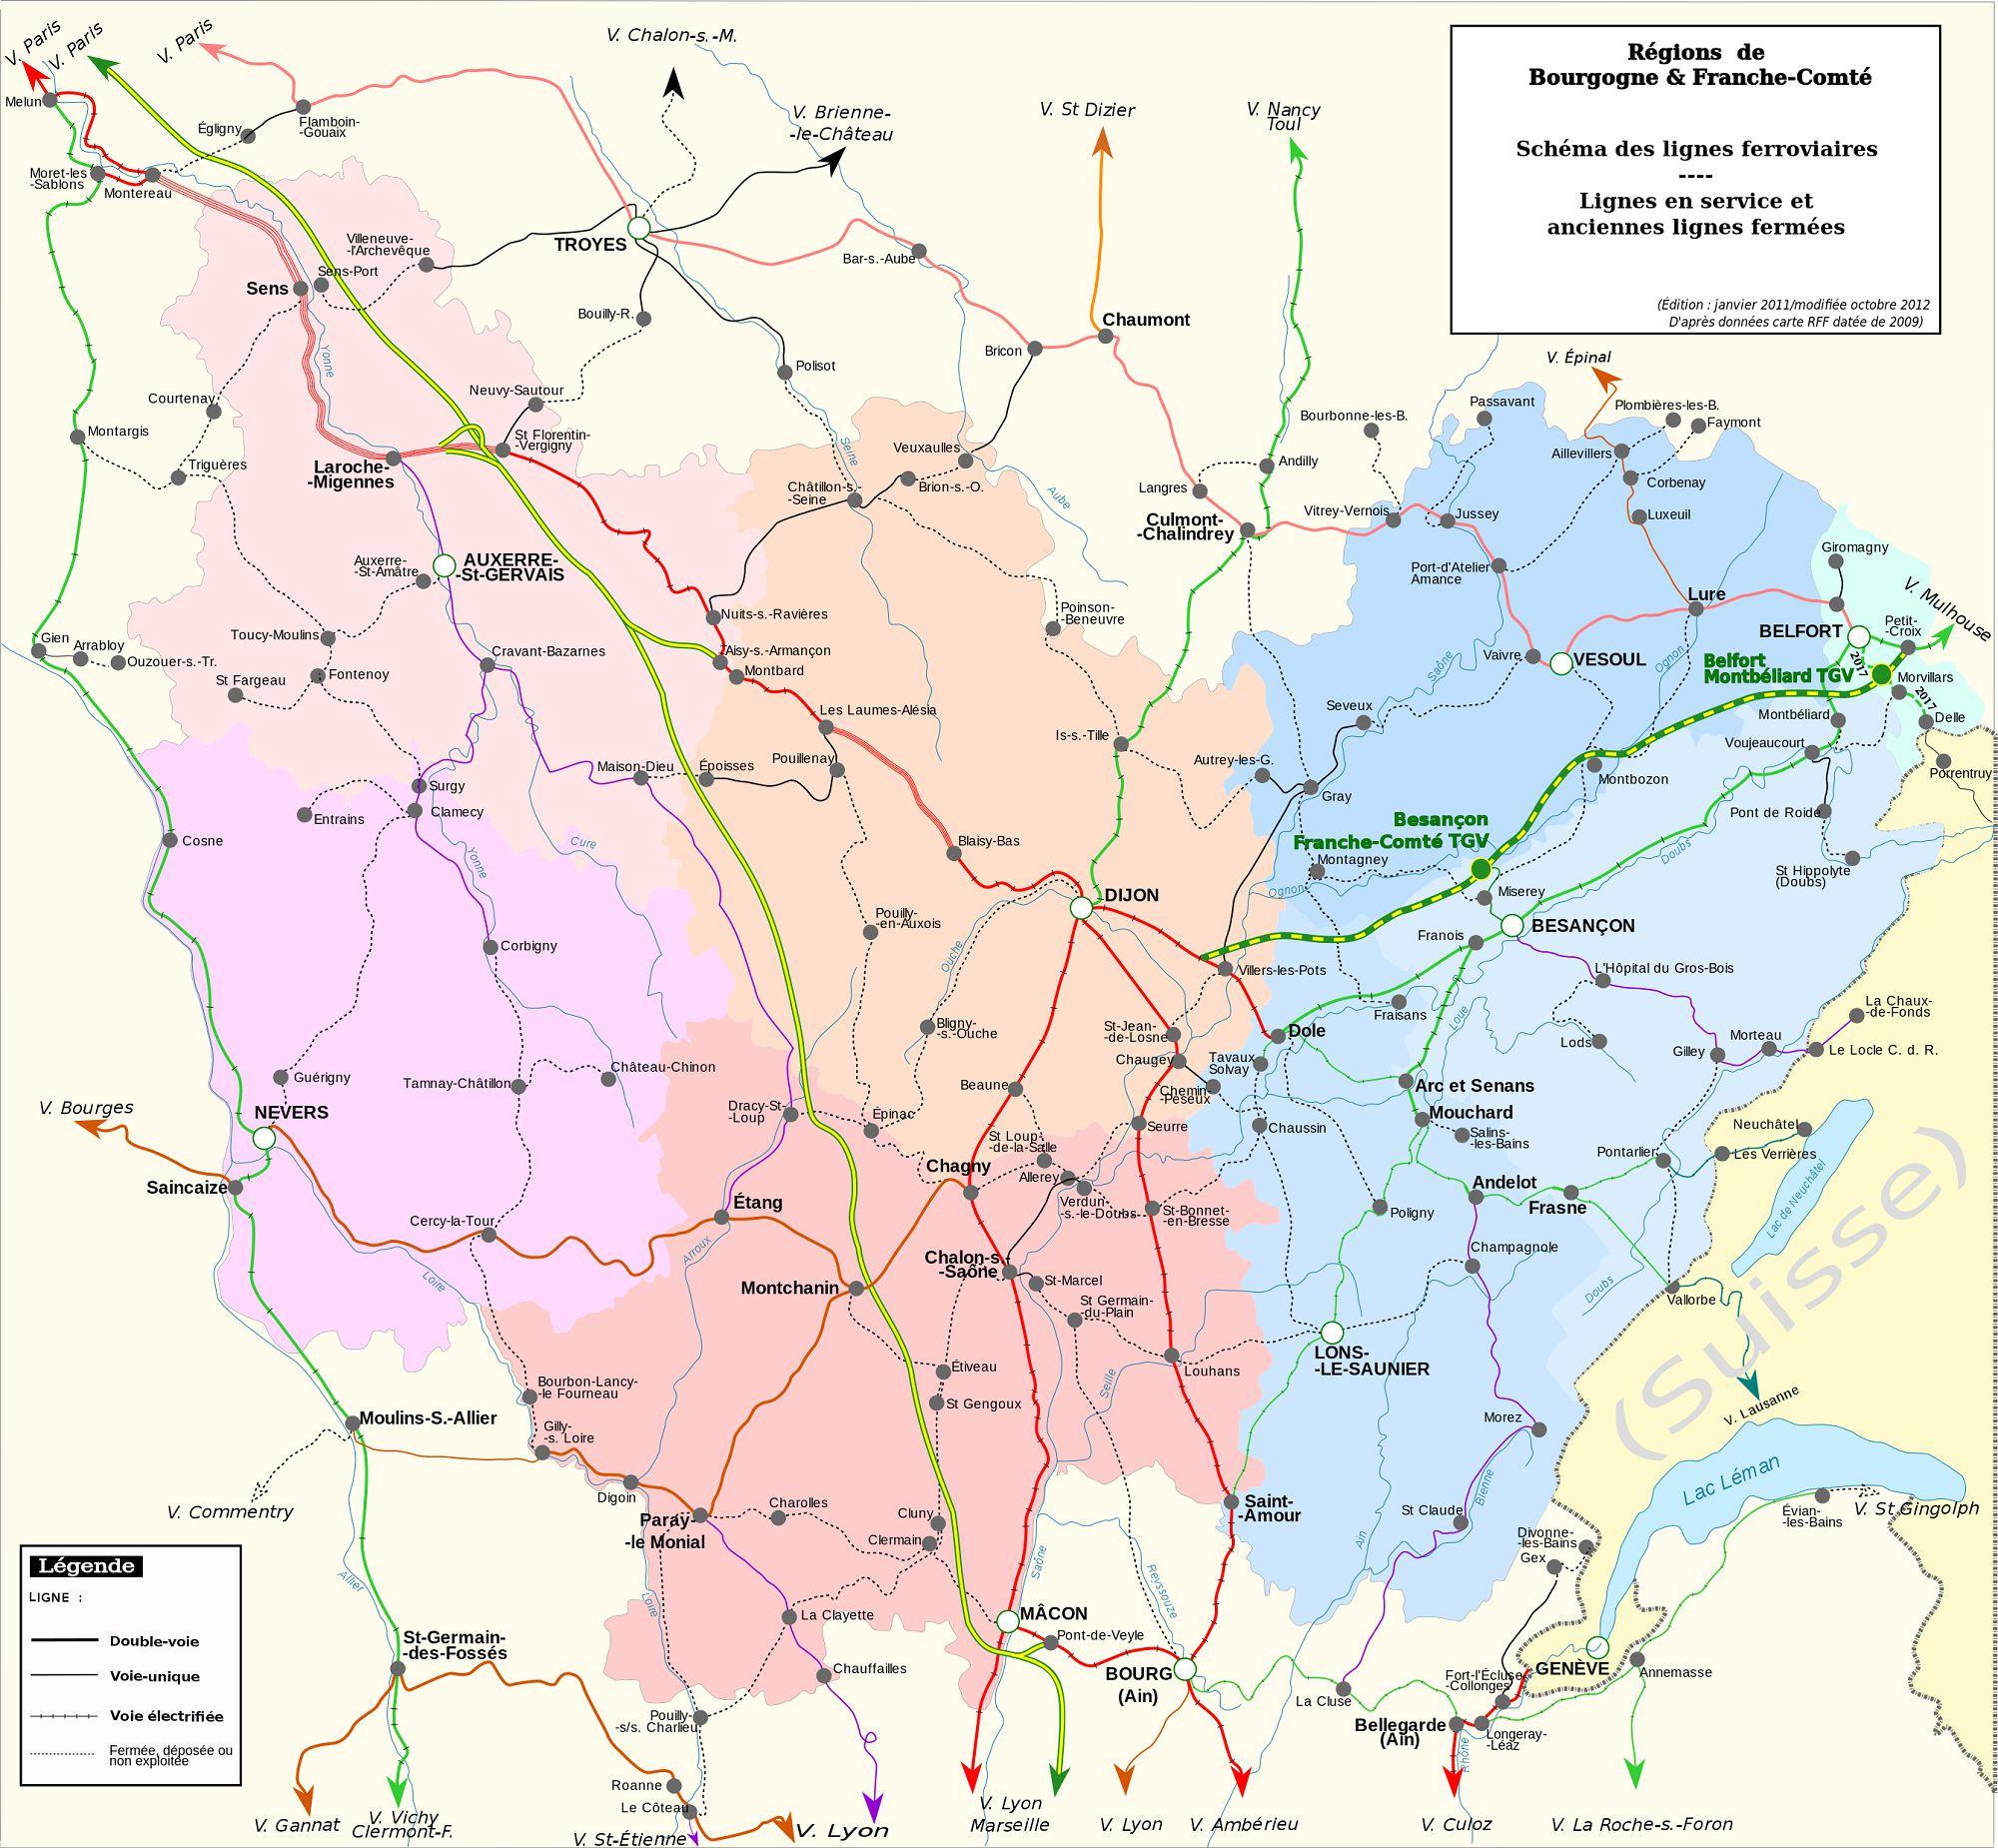 Carte du réseau ferroviaire de Bourgogne-Franche-Comté